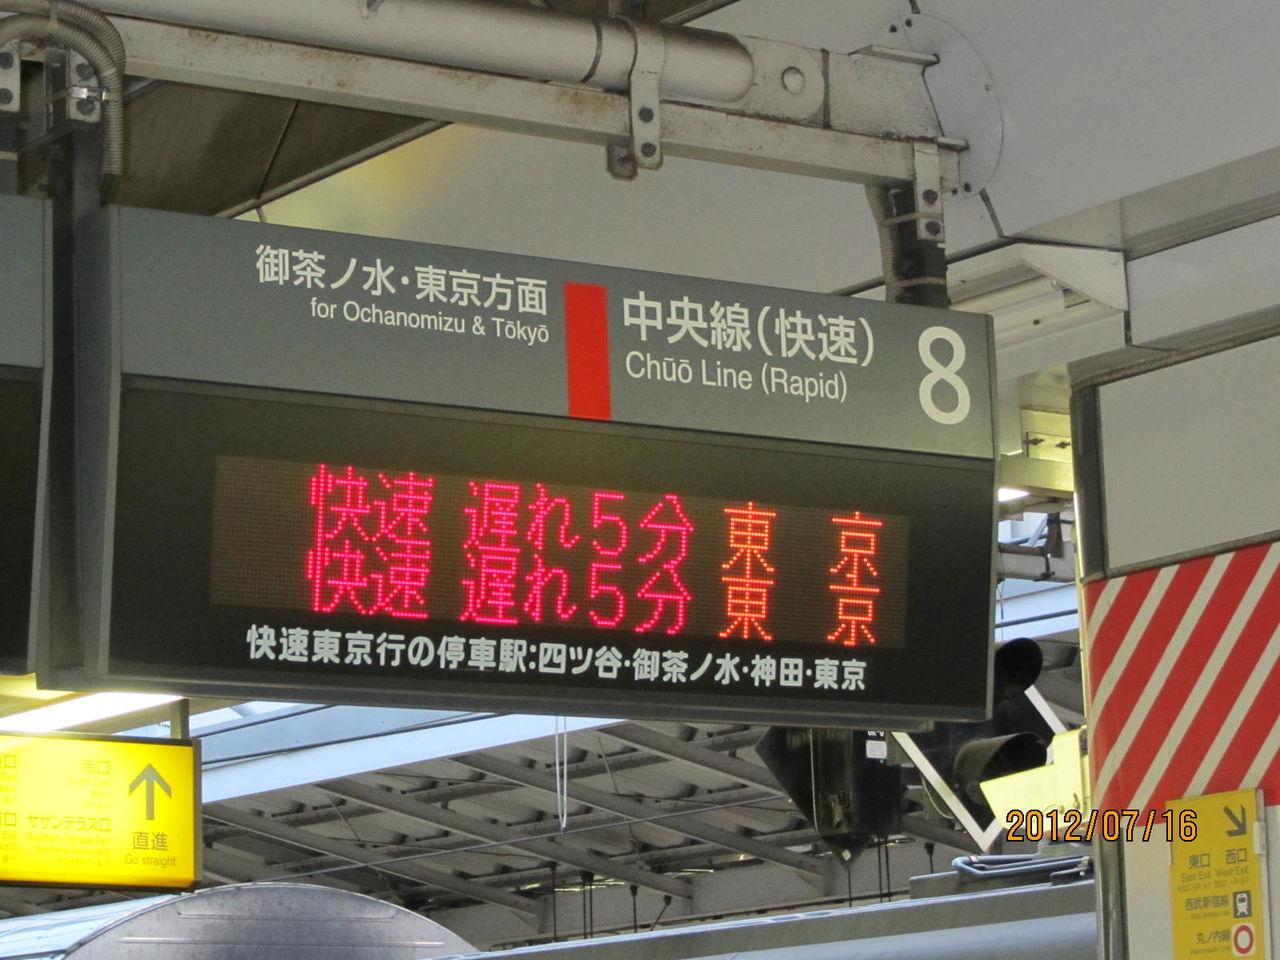 8番線(中央線快速・東京方面)快速は赤色、行き先は橙色です。遅れが発生す... 関西のJRへよう